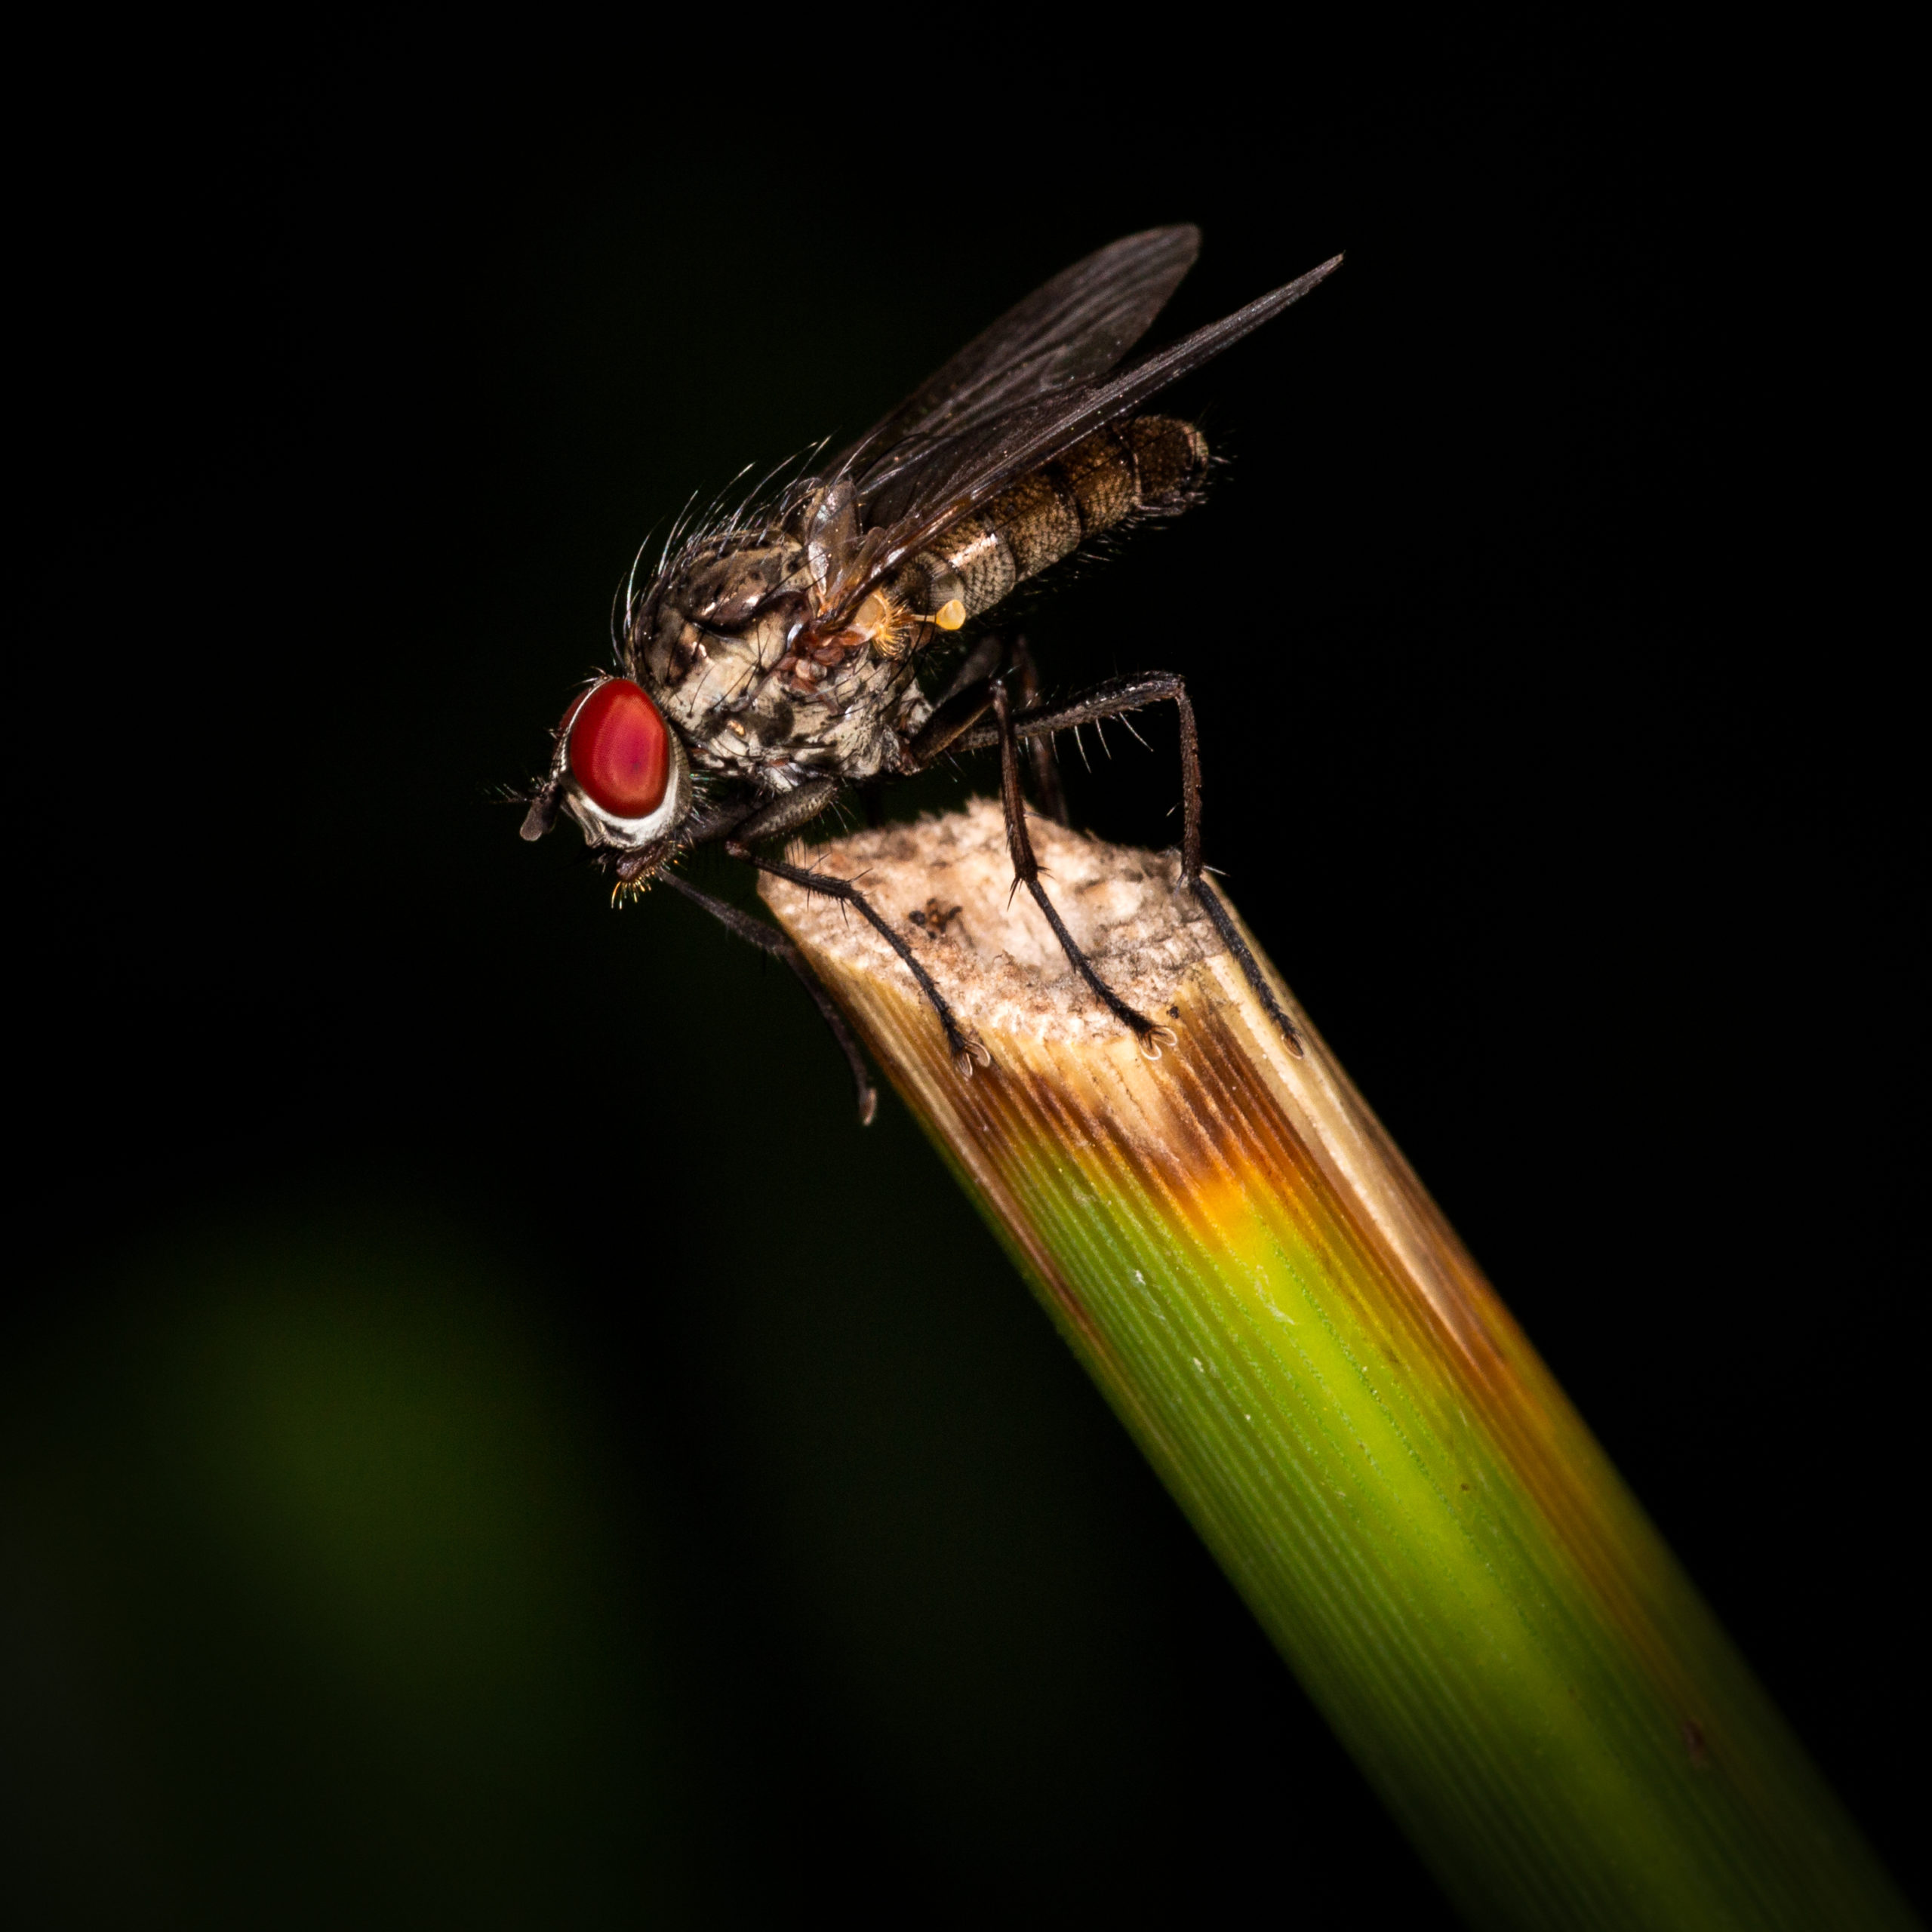 Fly on stick